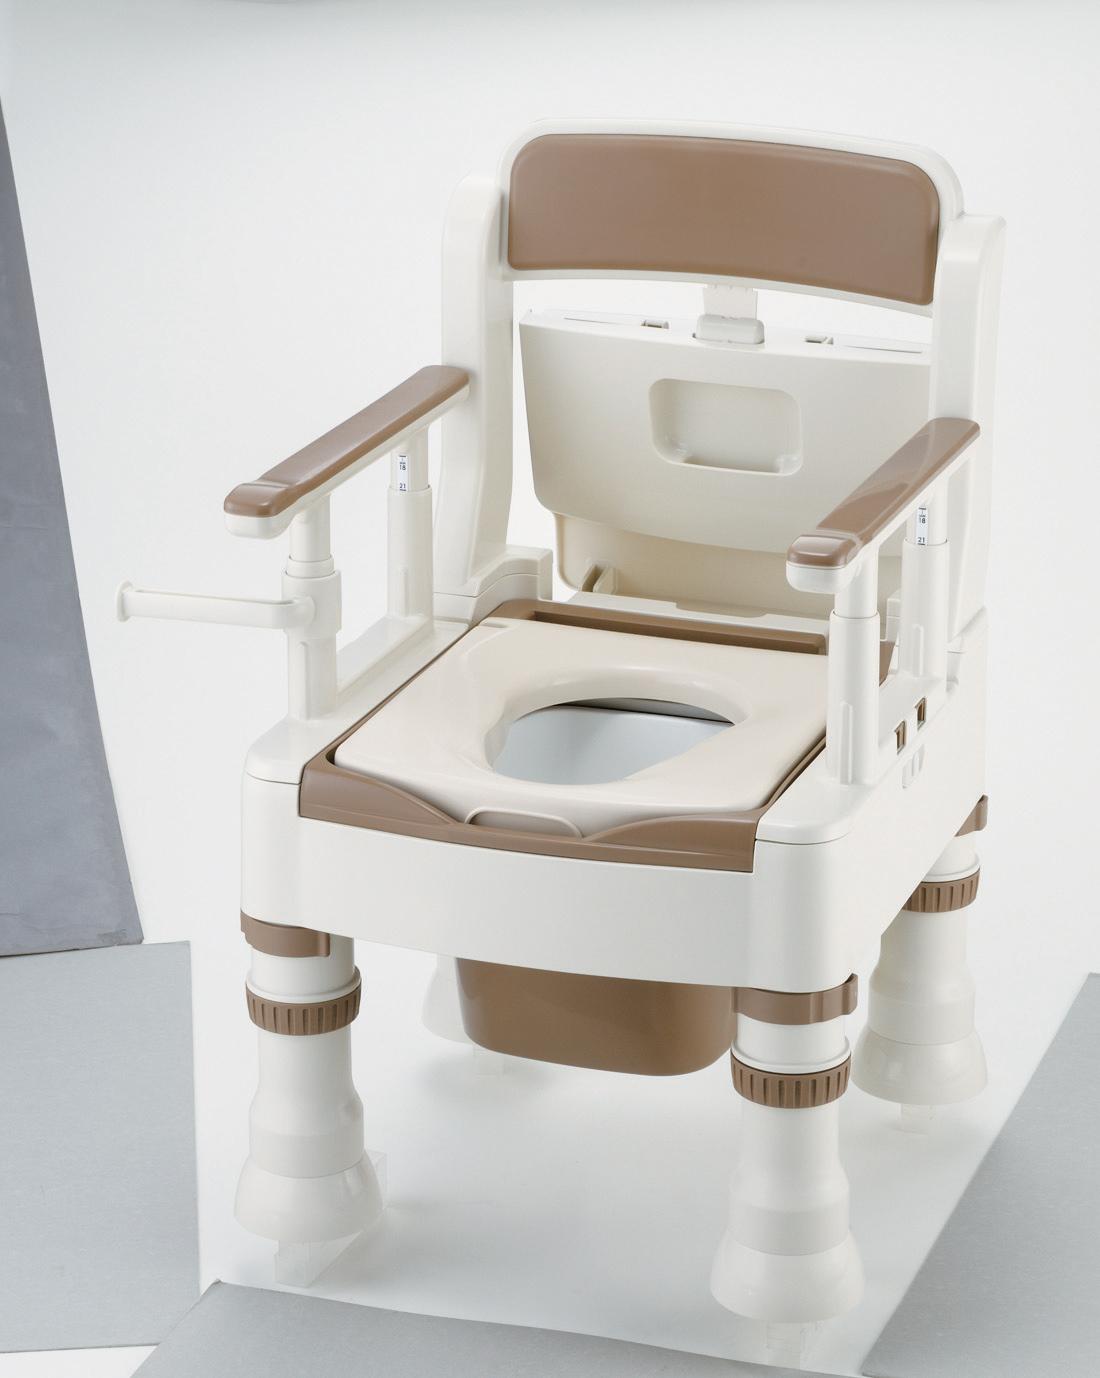 ポータブルトイレ きらく Mシリーズ ミニデカ(脱臭機付暖房便座)